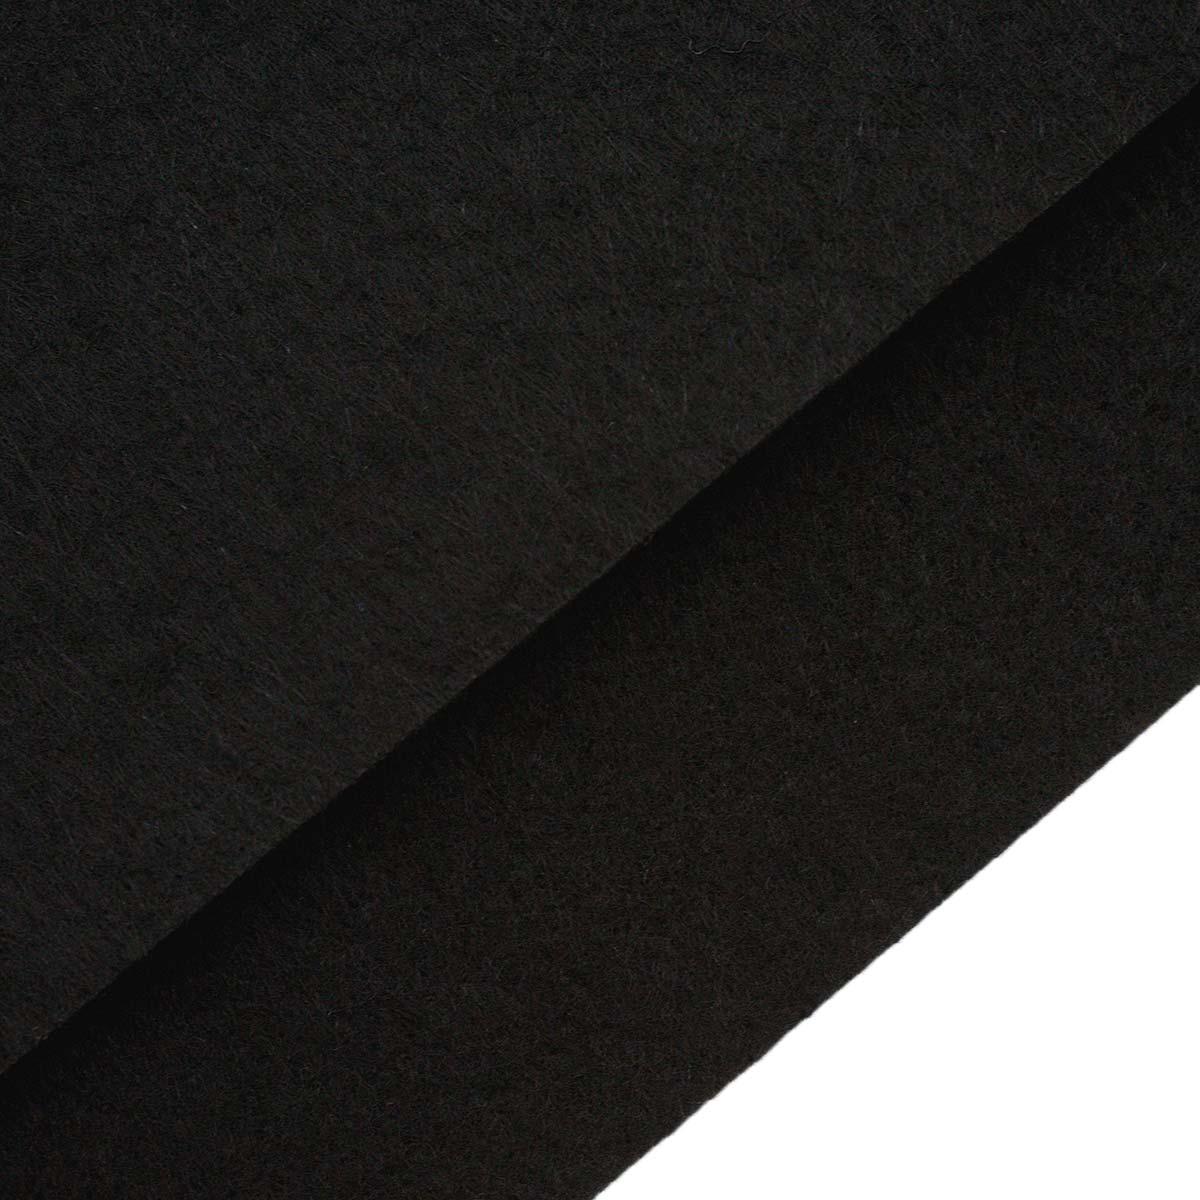 26953 Фетр жёсткий 1,0мм, 20*30 см, 100 % п/э, уп/2шт, черный